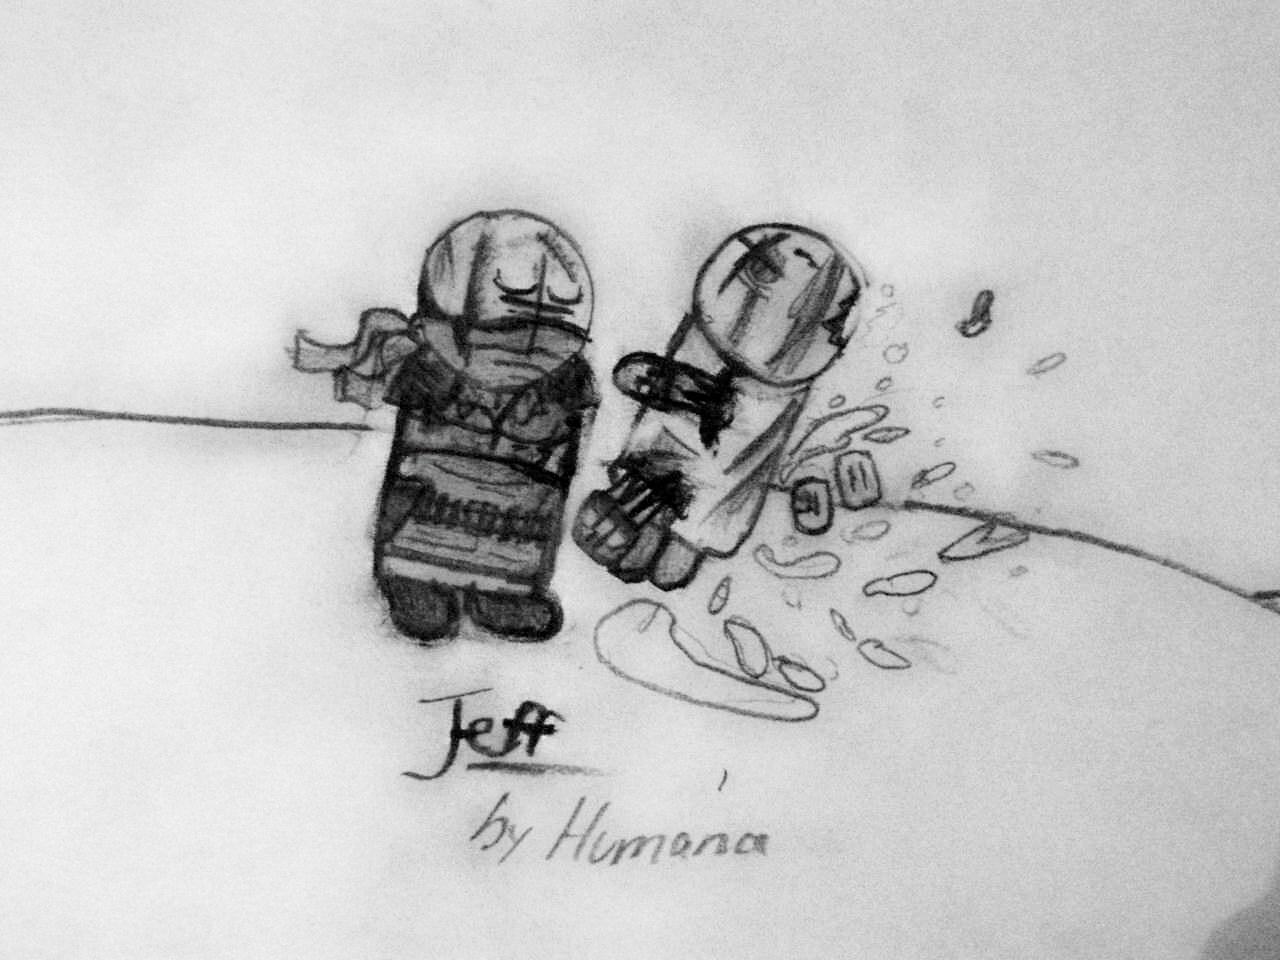 MCC Character: Jeff